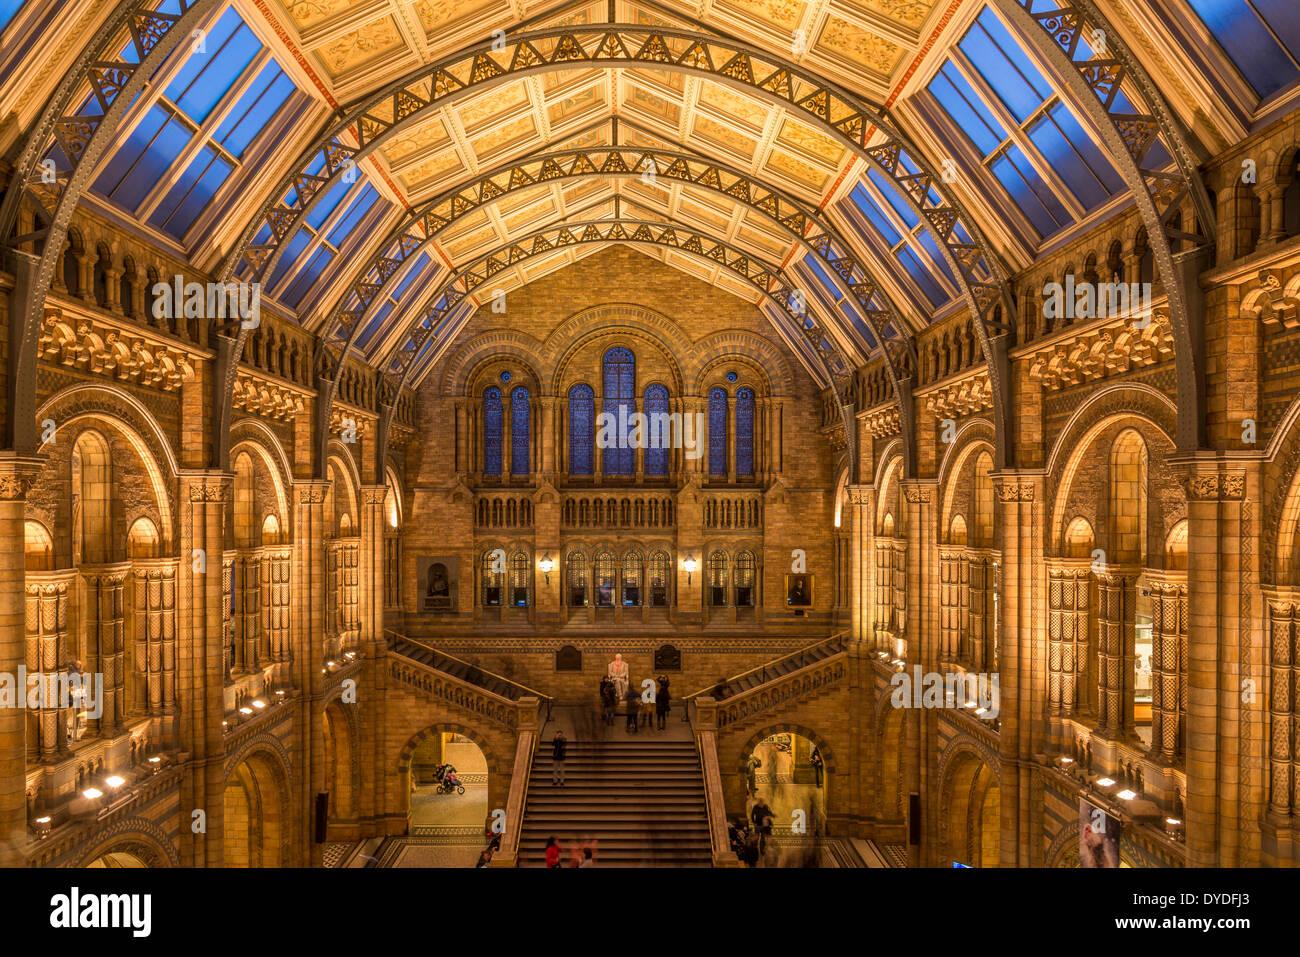 La sala centrale nel Museo di Storia Naturale di Londra. Immagini Stock